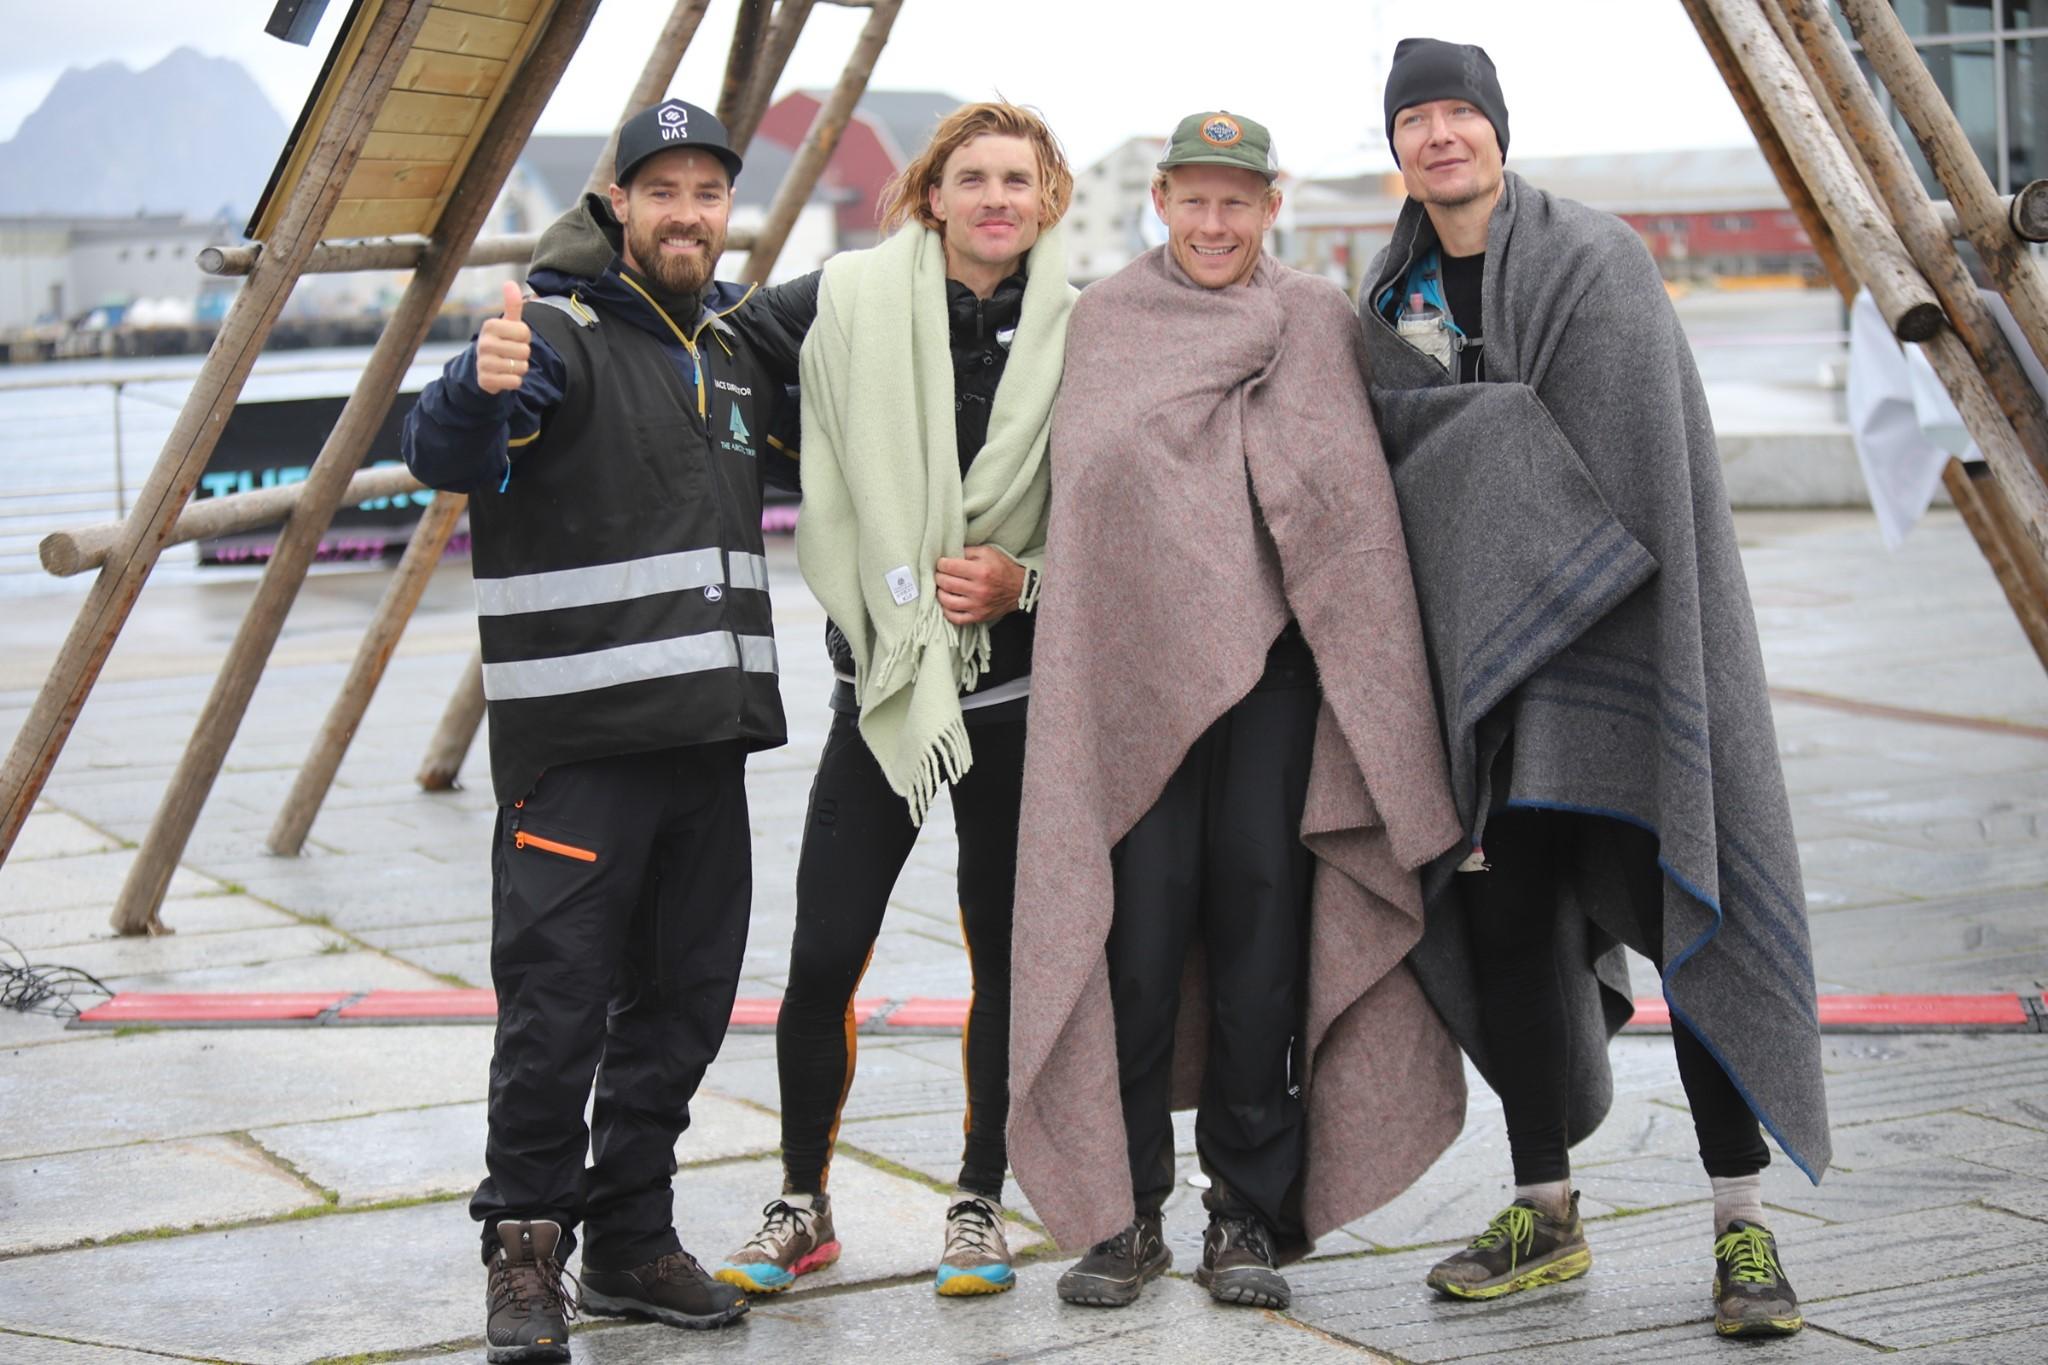 Bare 22 % av de startende fullførte Lofoten Ultra-Trail ...  Bare 22 % av de...